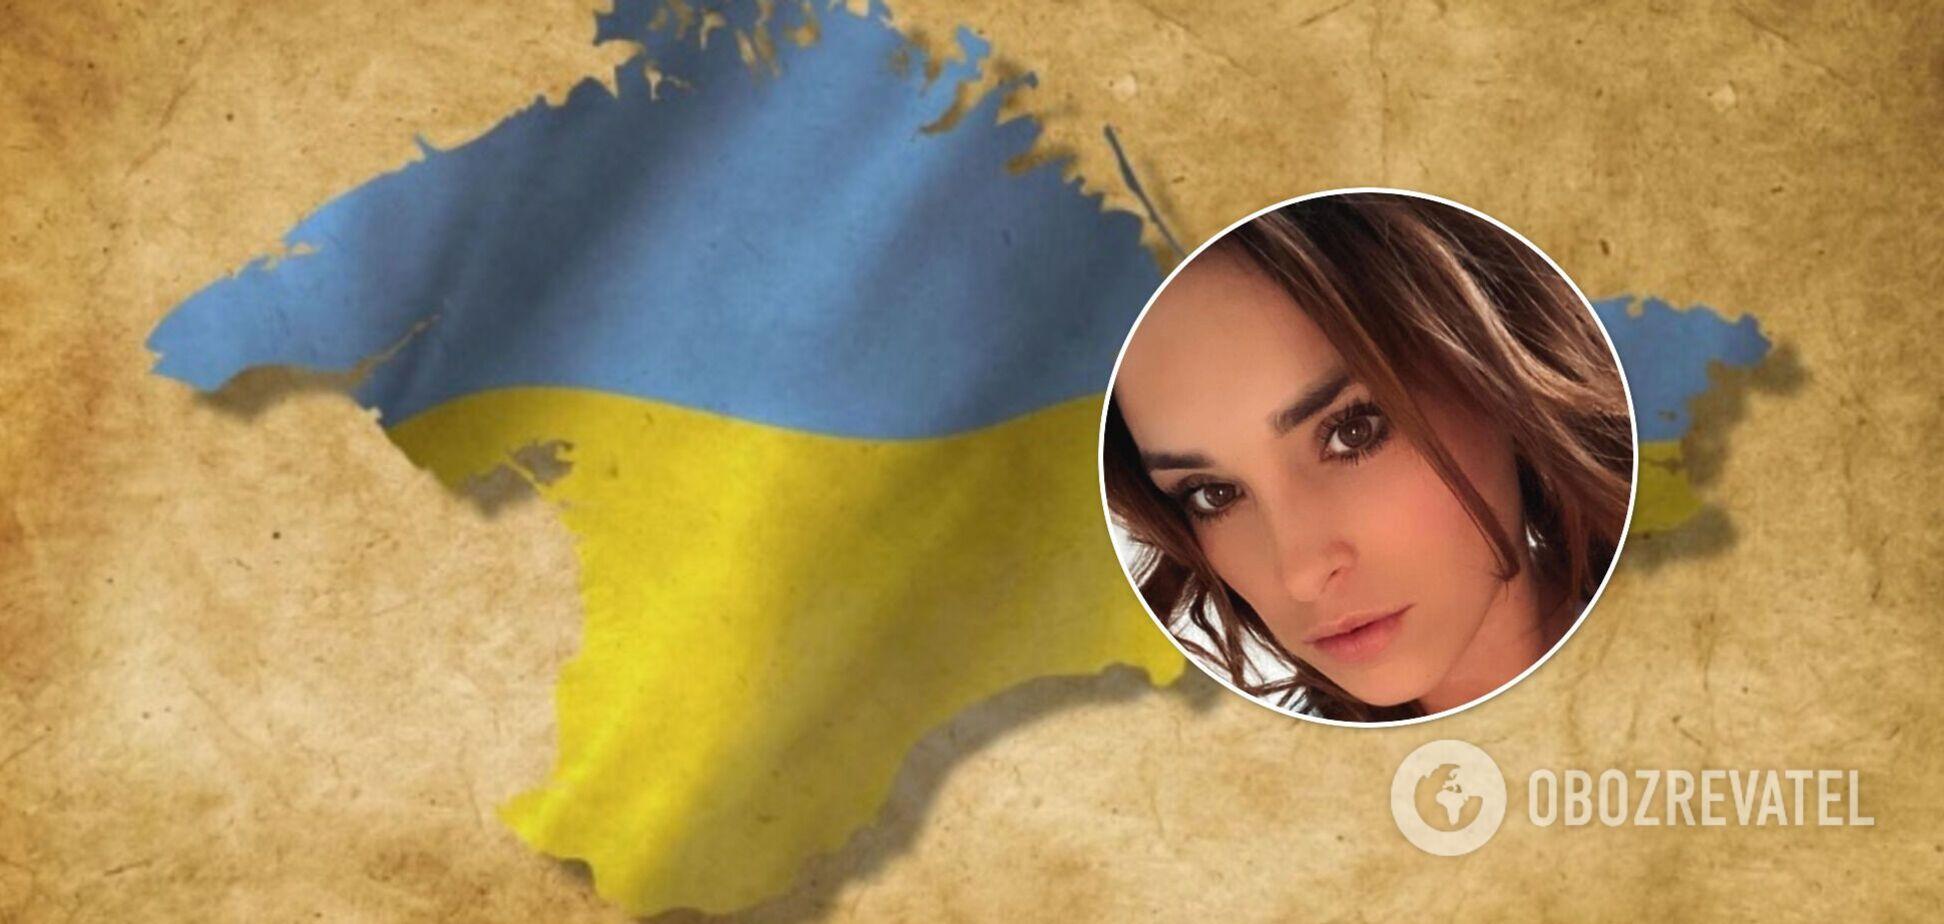 Тіктокерка з Миколаєва, яка назвала Крим російським, після скандалу зняла патріотичне відео